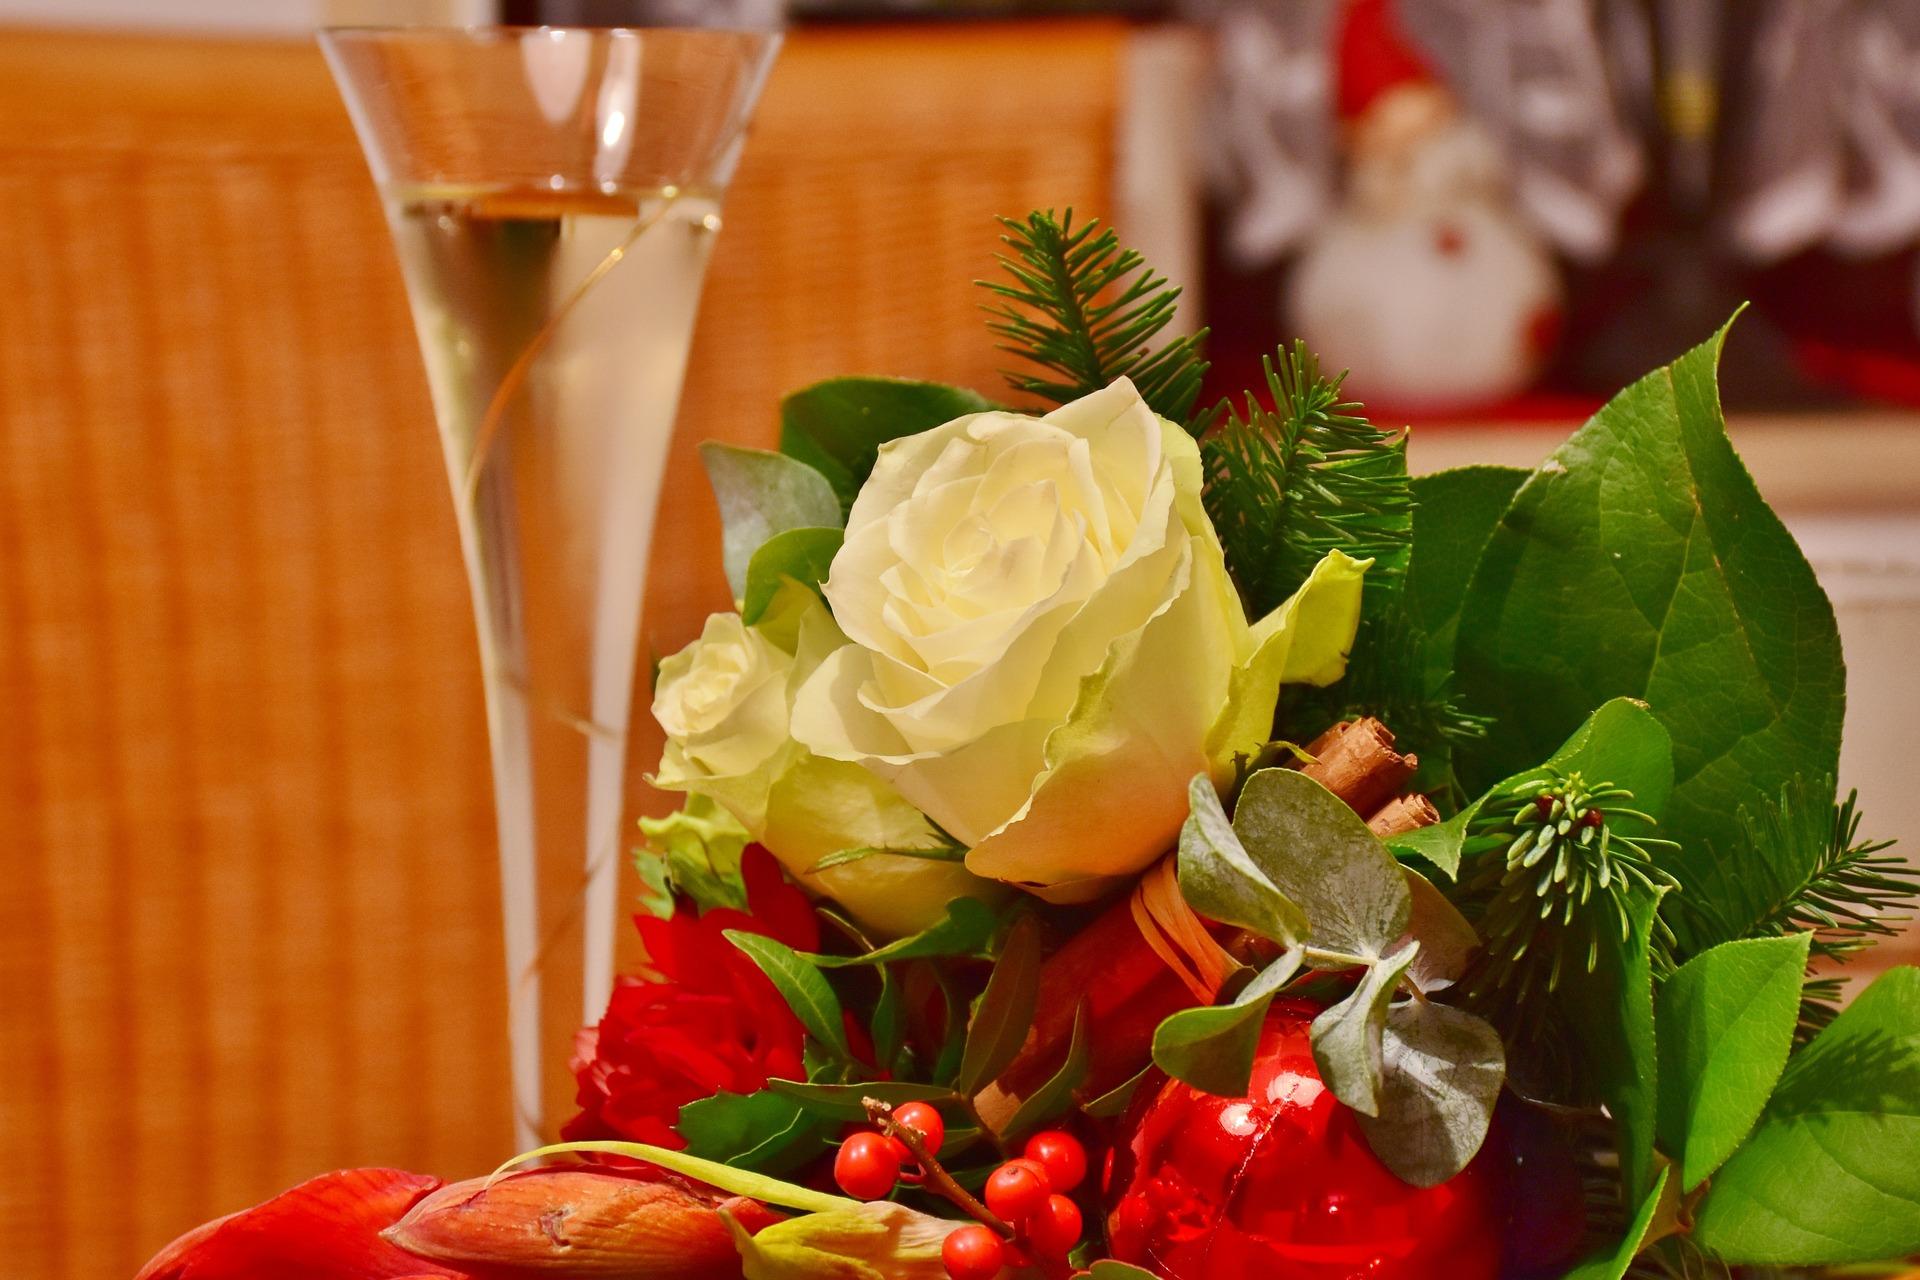 年上女性が喜ぶプレゼントの選び方